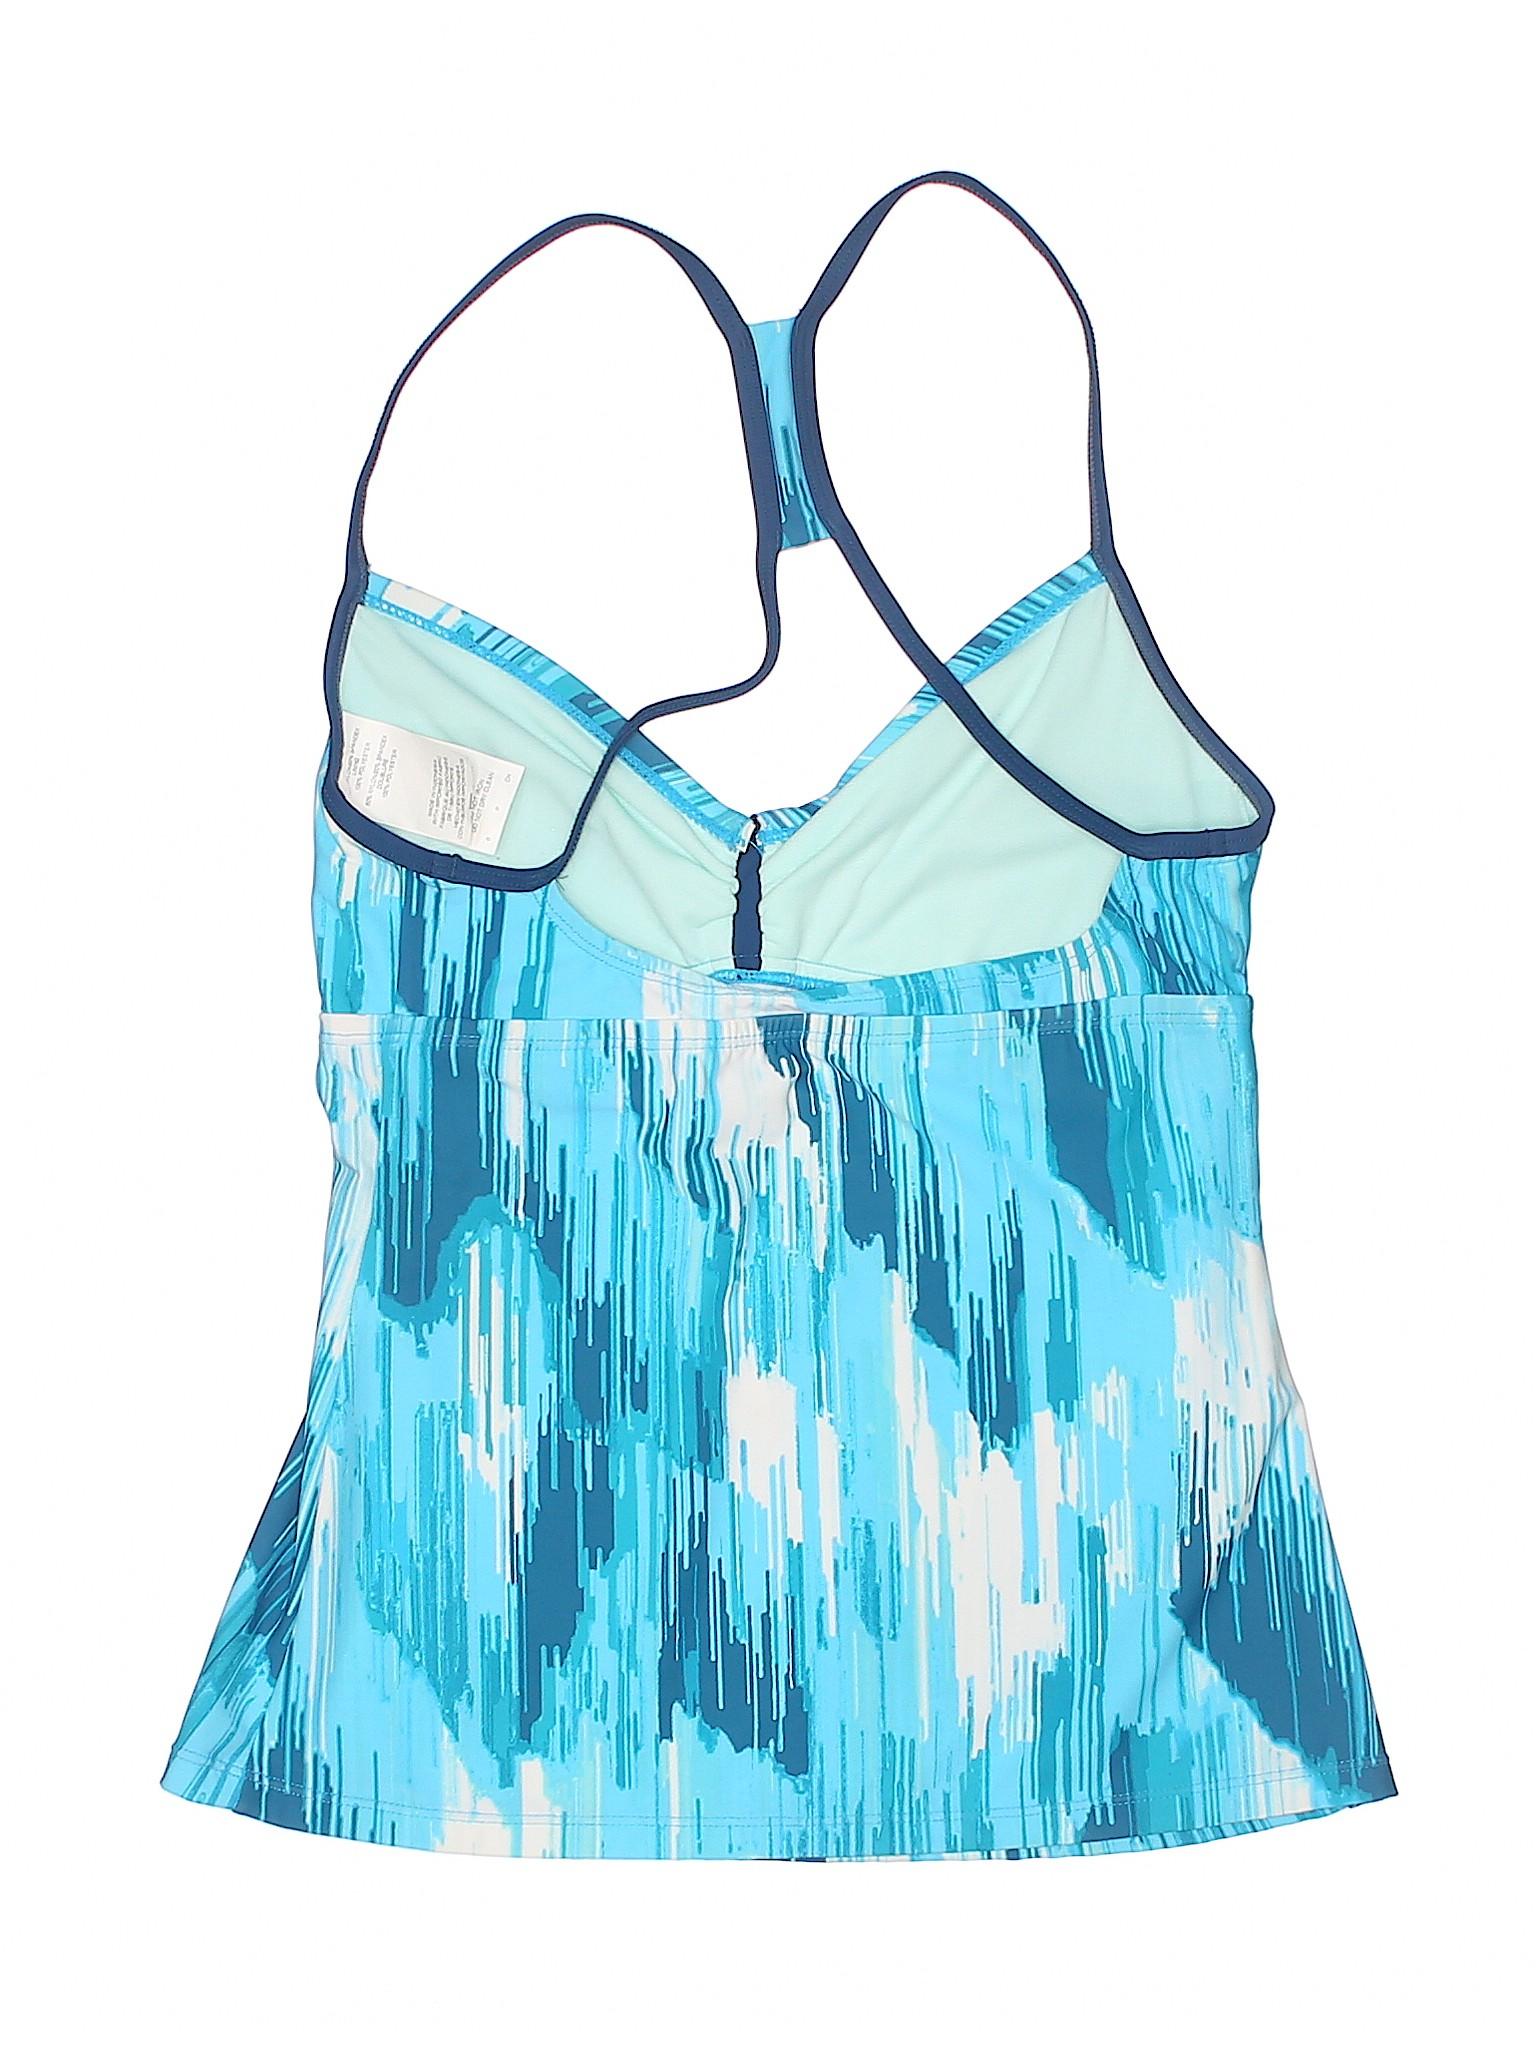 Boutique A Swimsuit L Nike Top C by w0qpUwx4